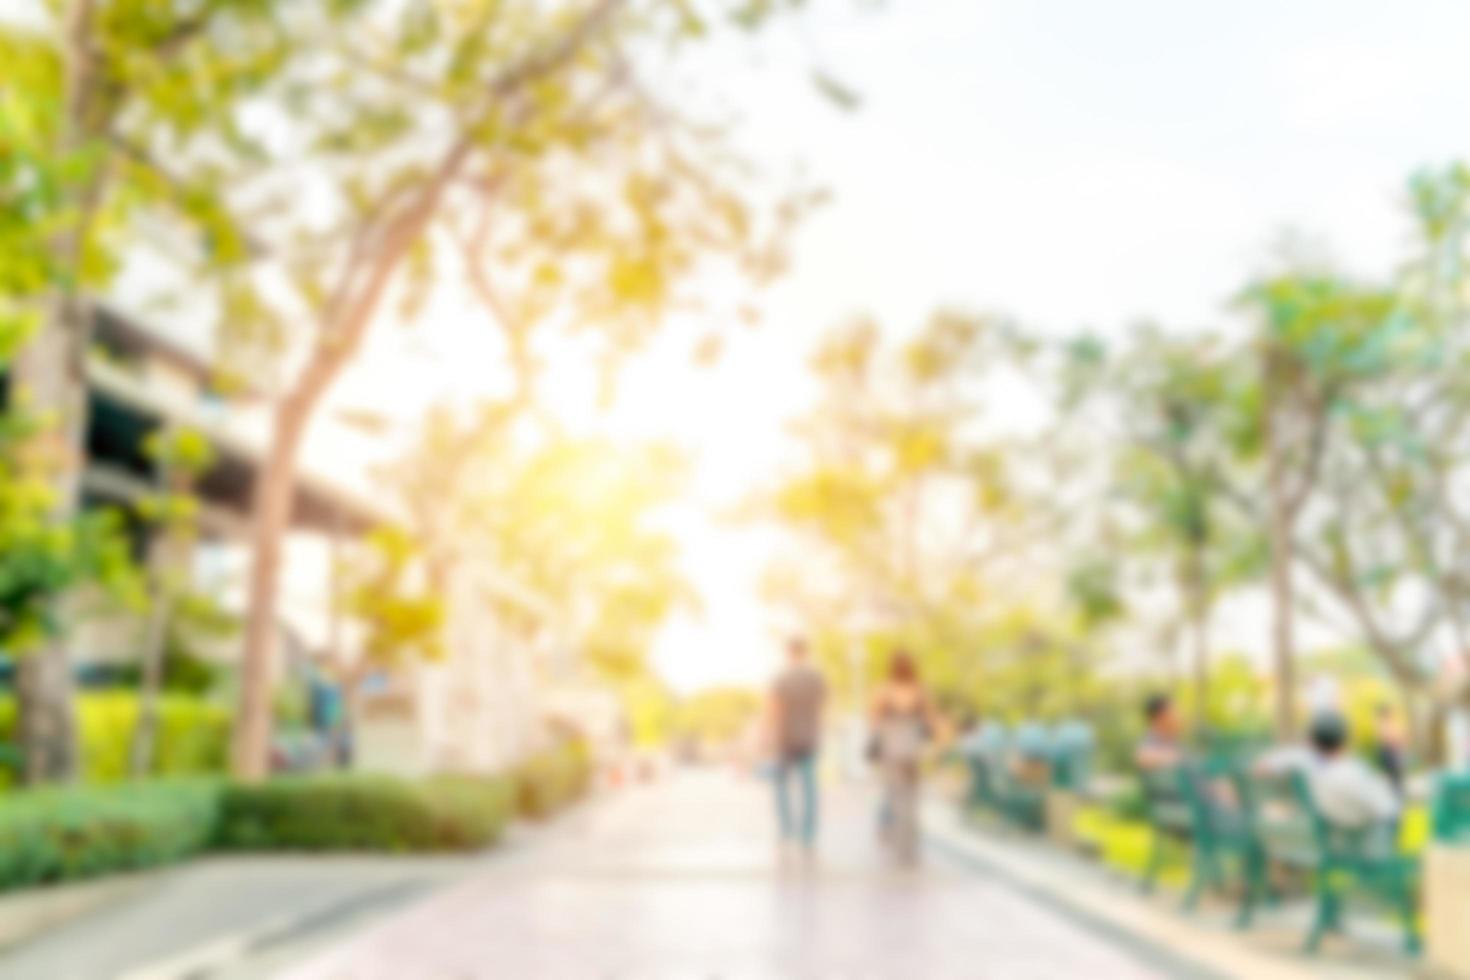 immagine sfocata astratta di persone che si rilassano nel parco foto